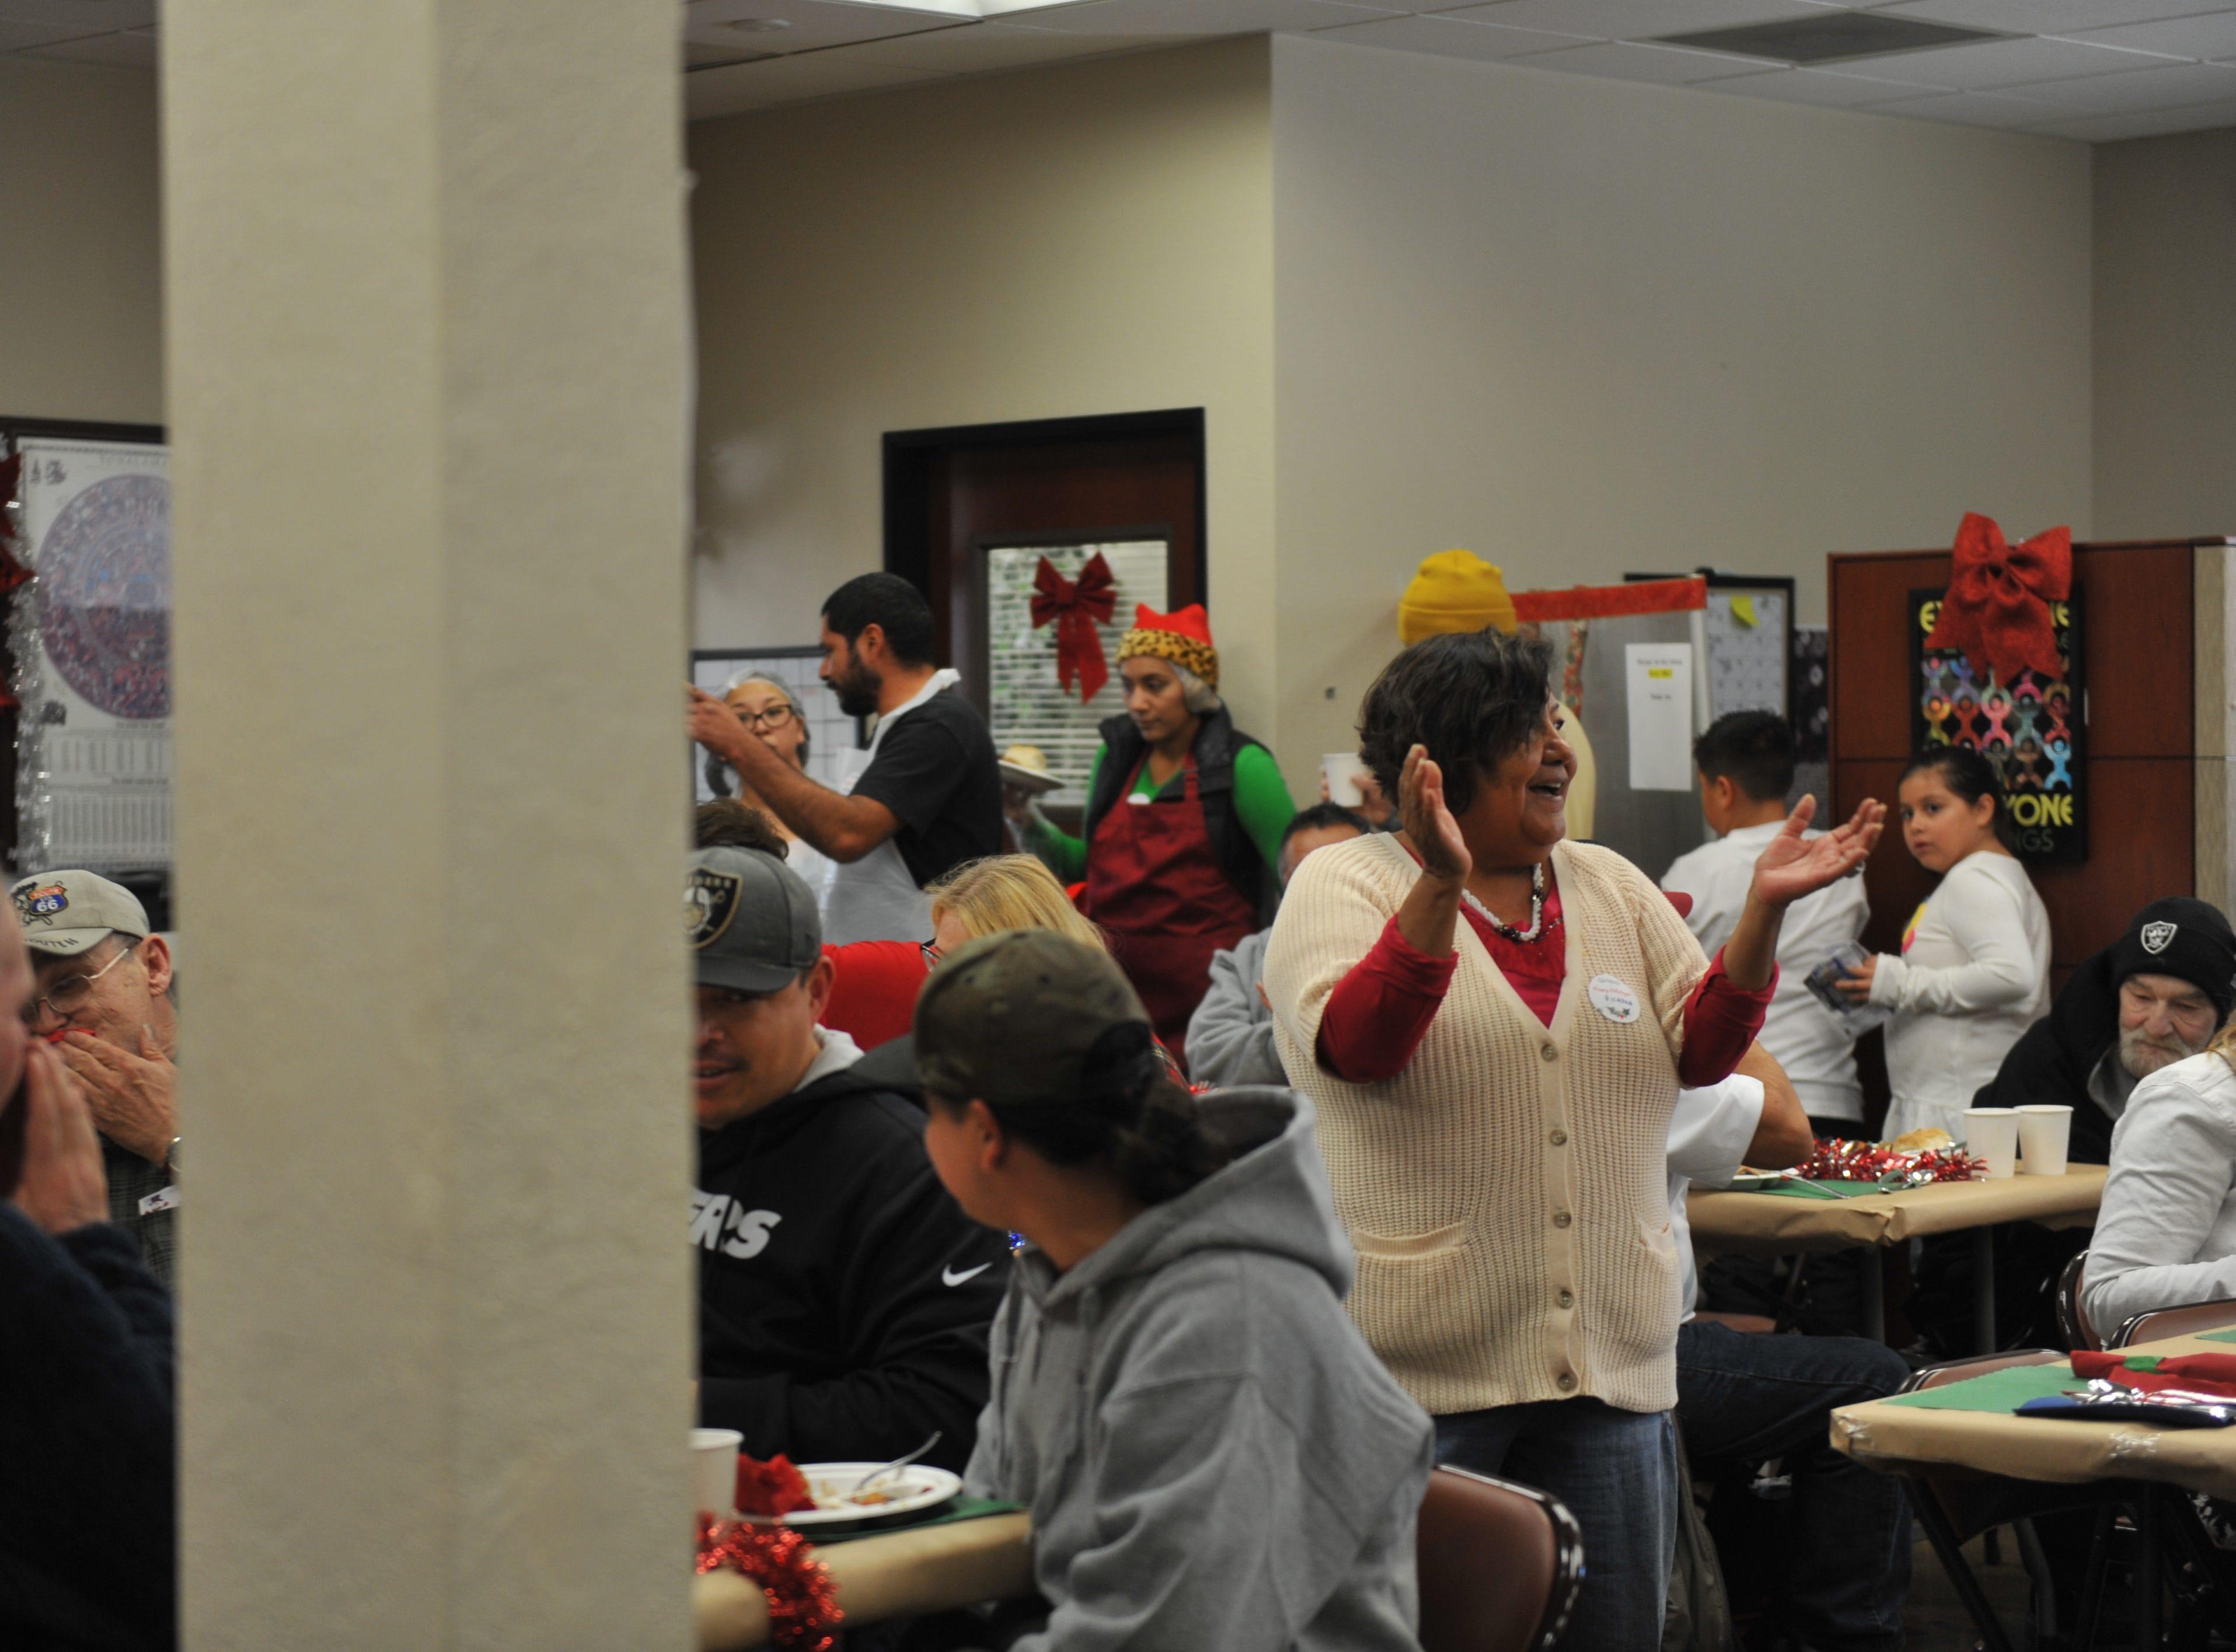 """Volunteer Ricarda Rodriguez leads attendees and volunteers in singing """"Feliz Navidad"""" at Interim, Inc.'s Christmas meal at the OMNI center in Salinas."""